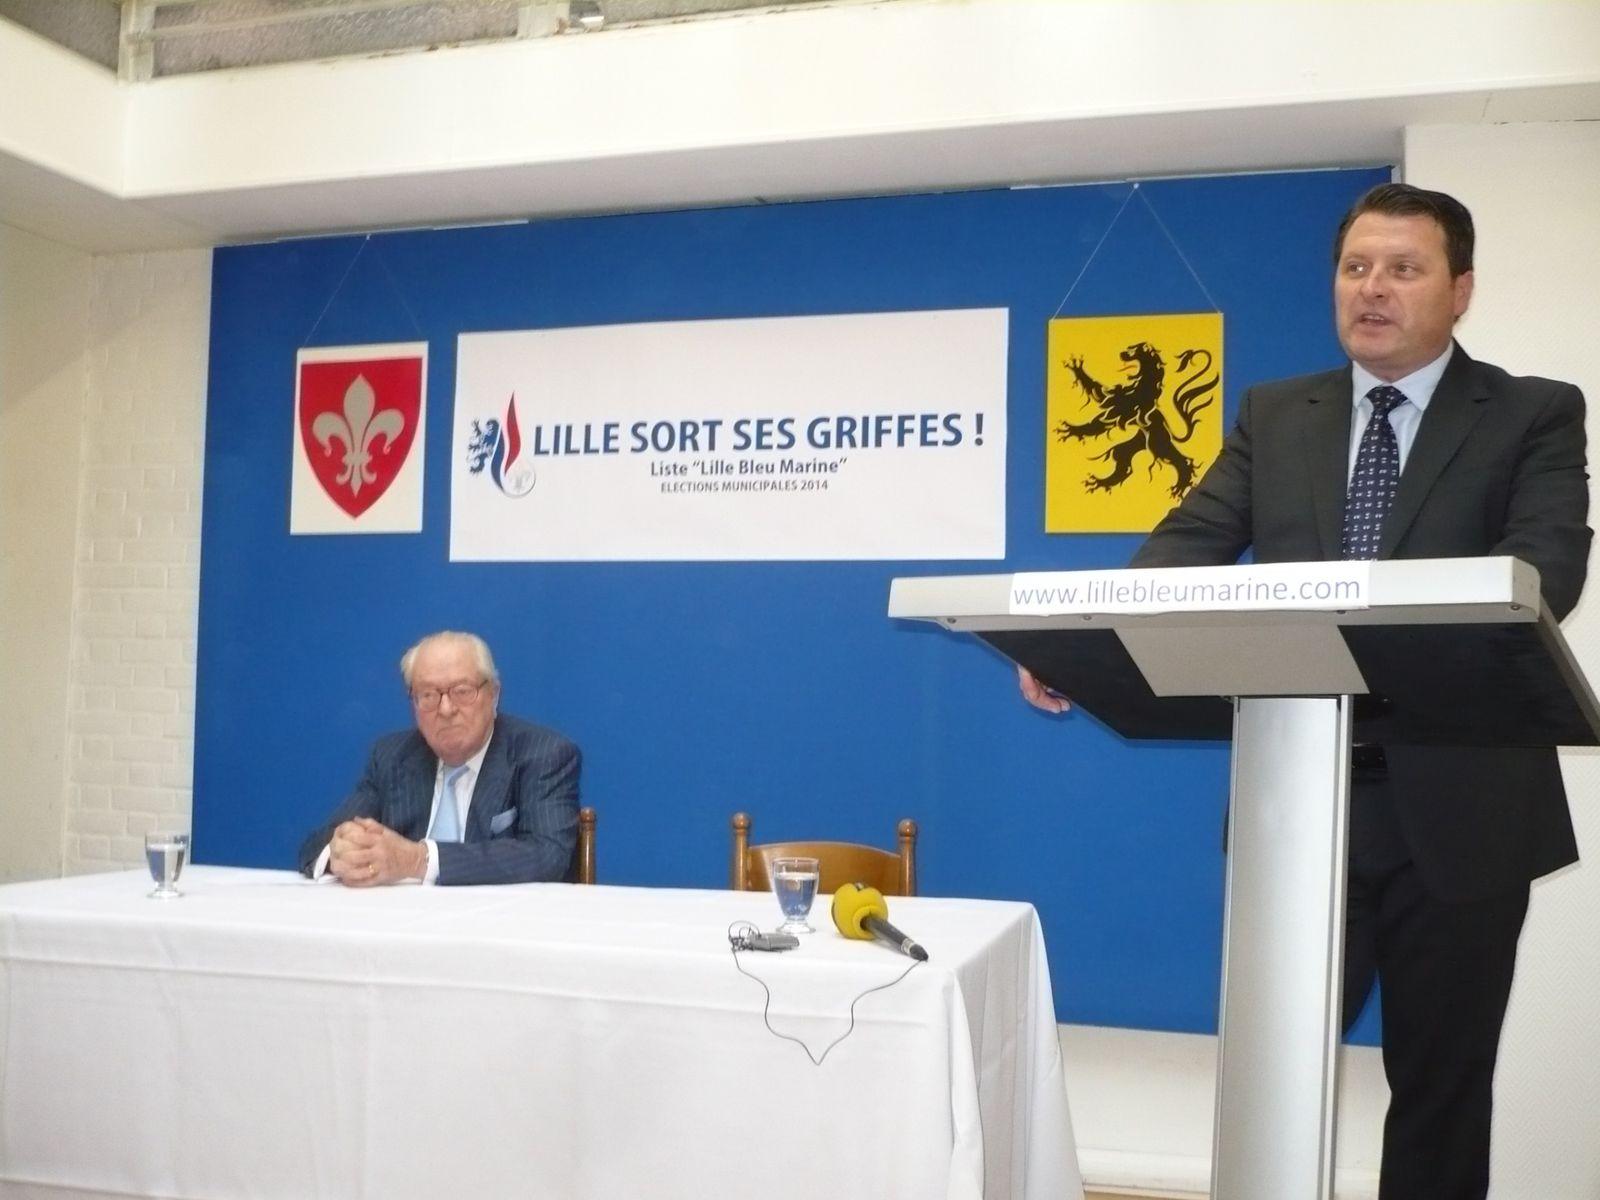 Annonce officielle de la candidature d'Eric DILLIES aux élections municipales à Lille